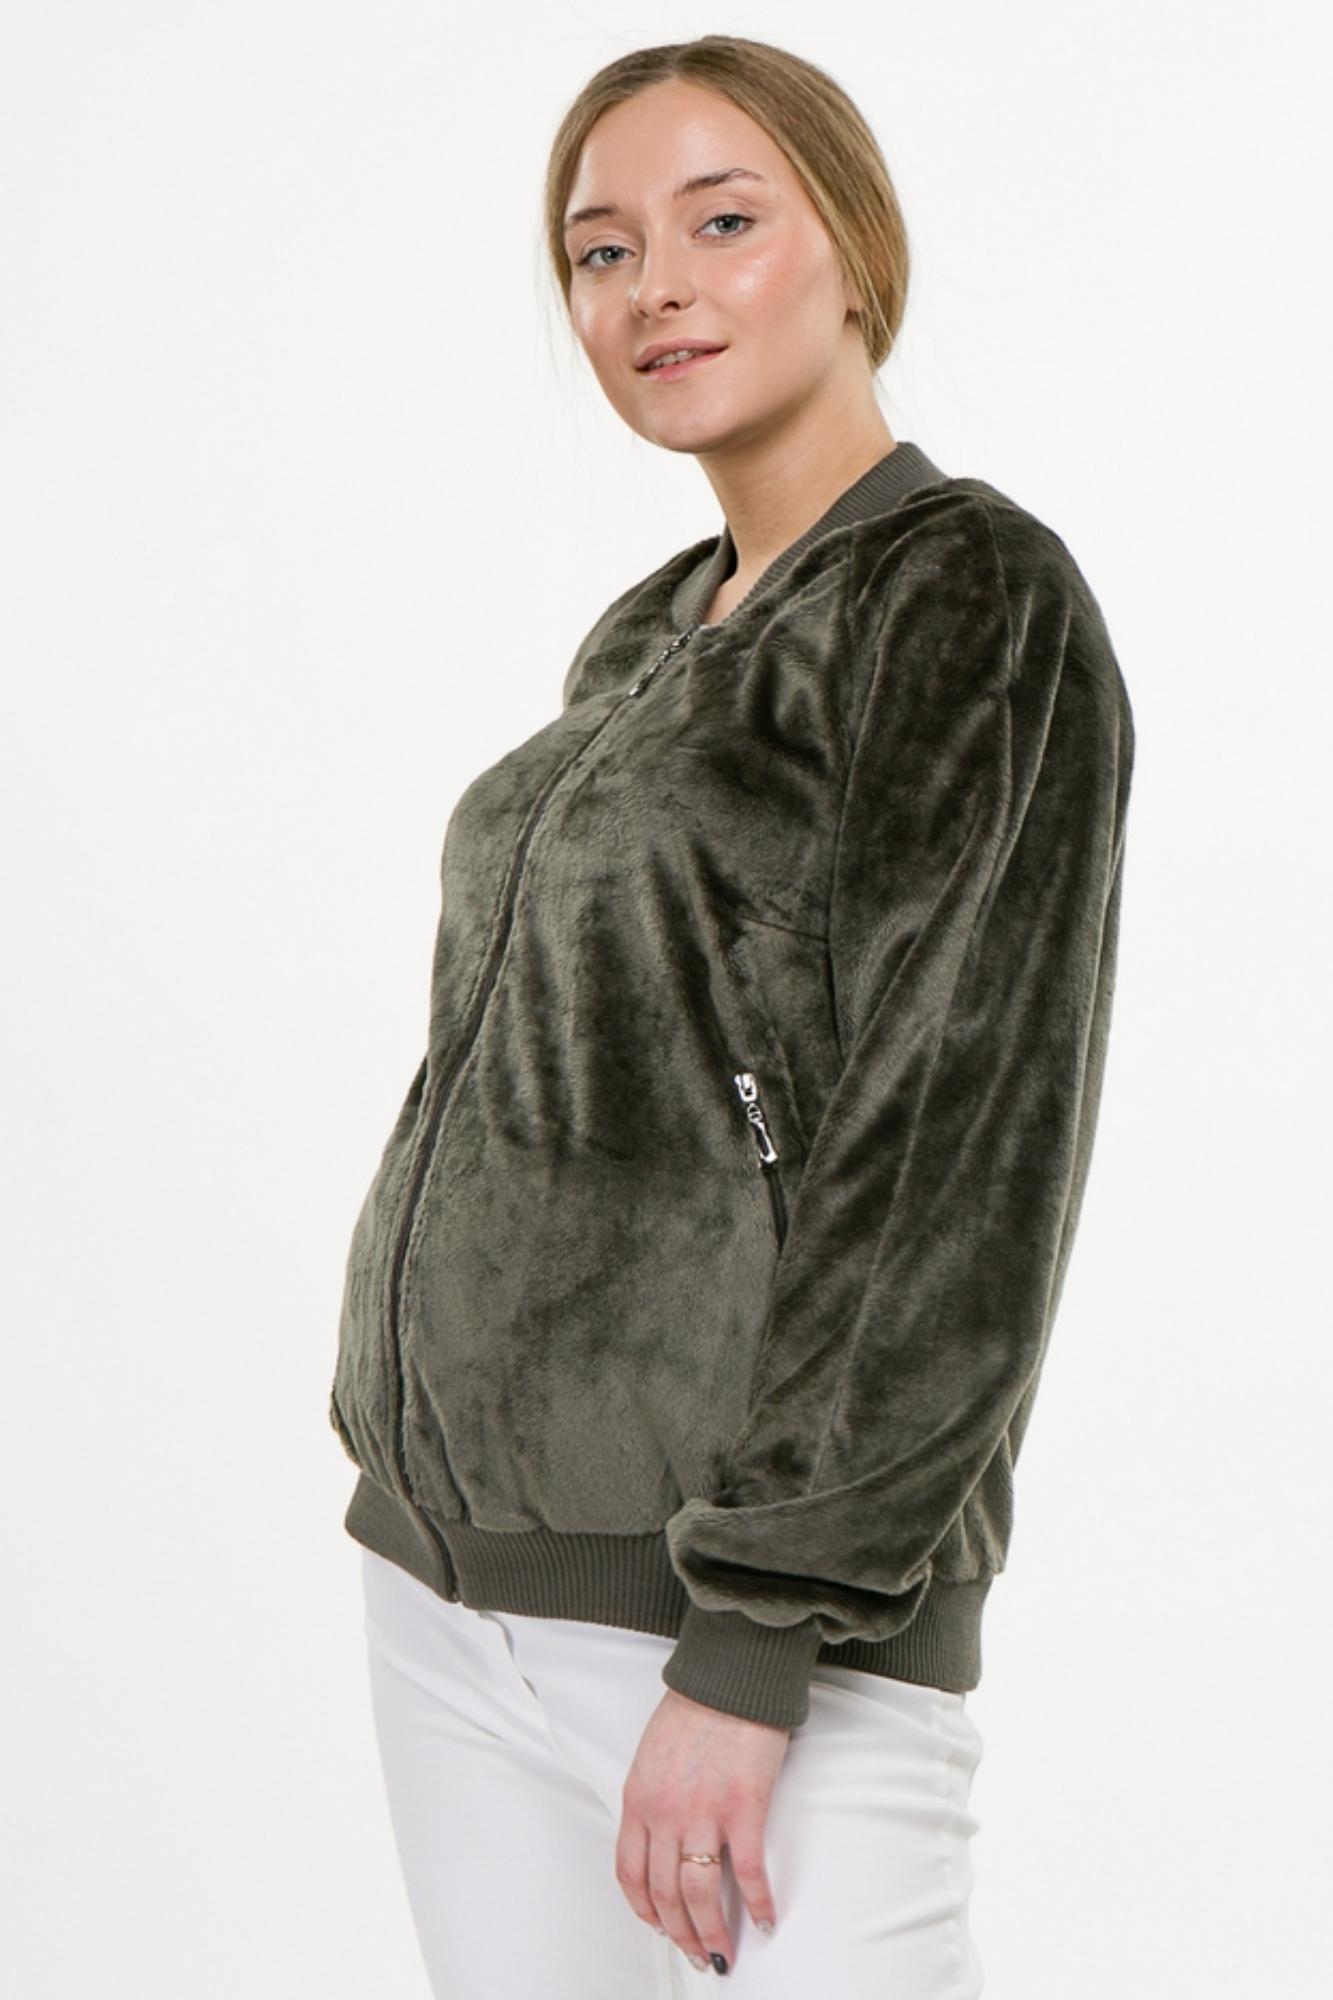 Бомбер для беременных 09784 оливковый